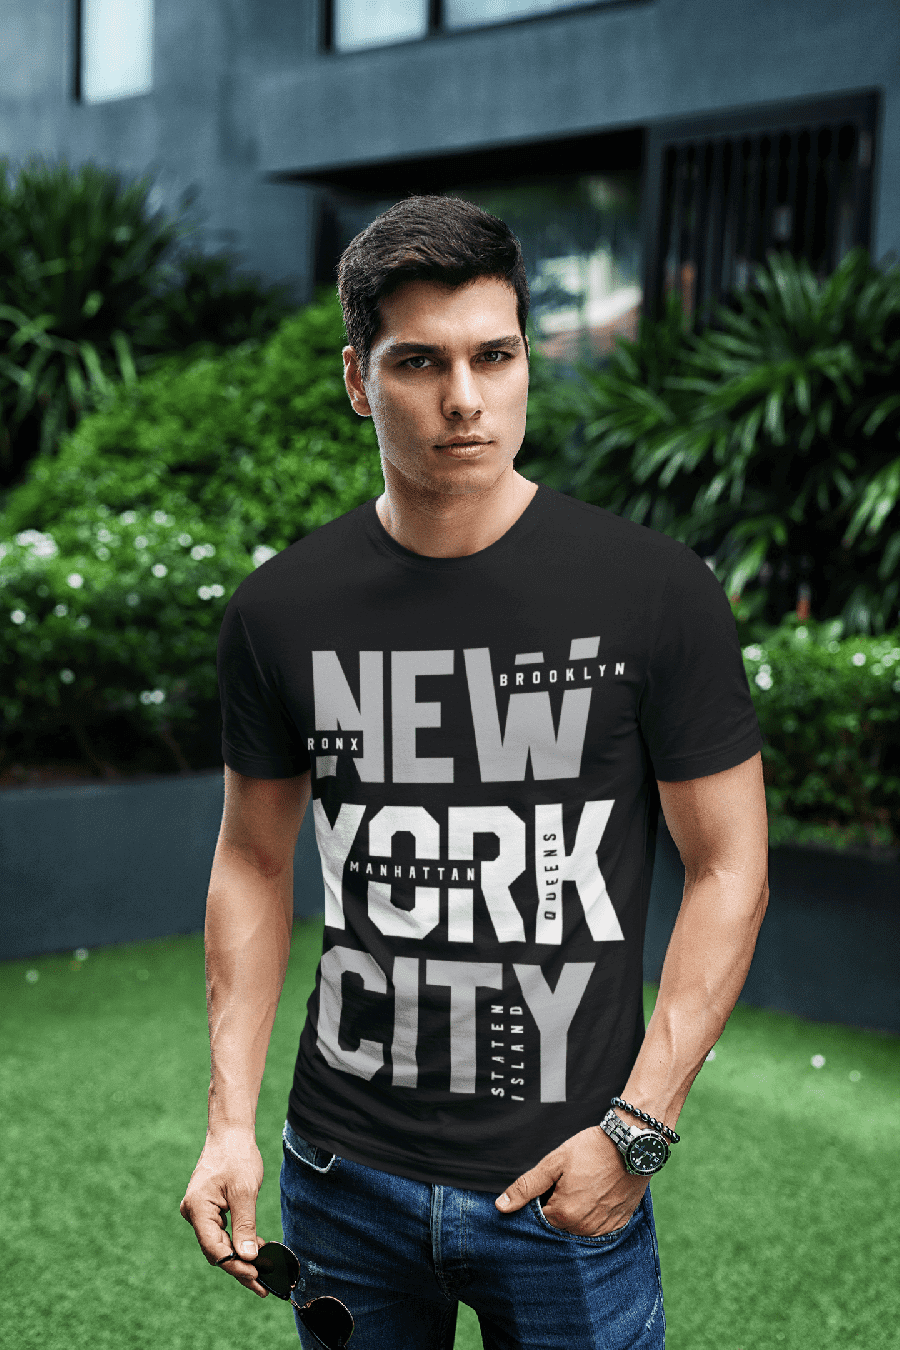 MMO Pánske tričko New York City Vyberte farbu: Čierna, Vyberte veľkosť: M